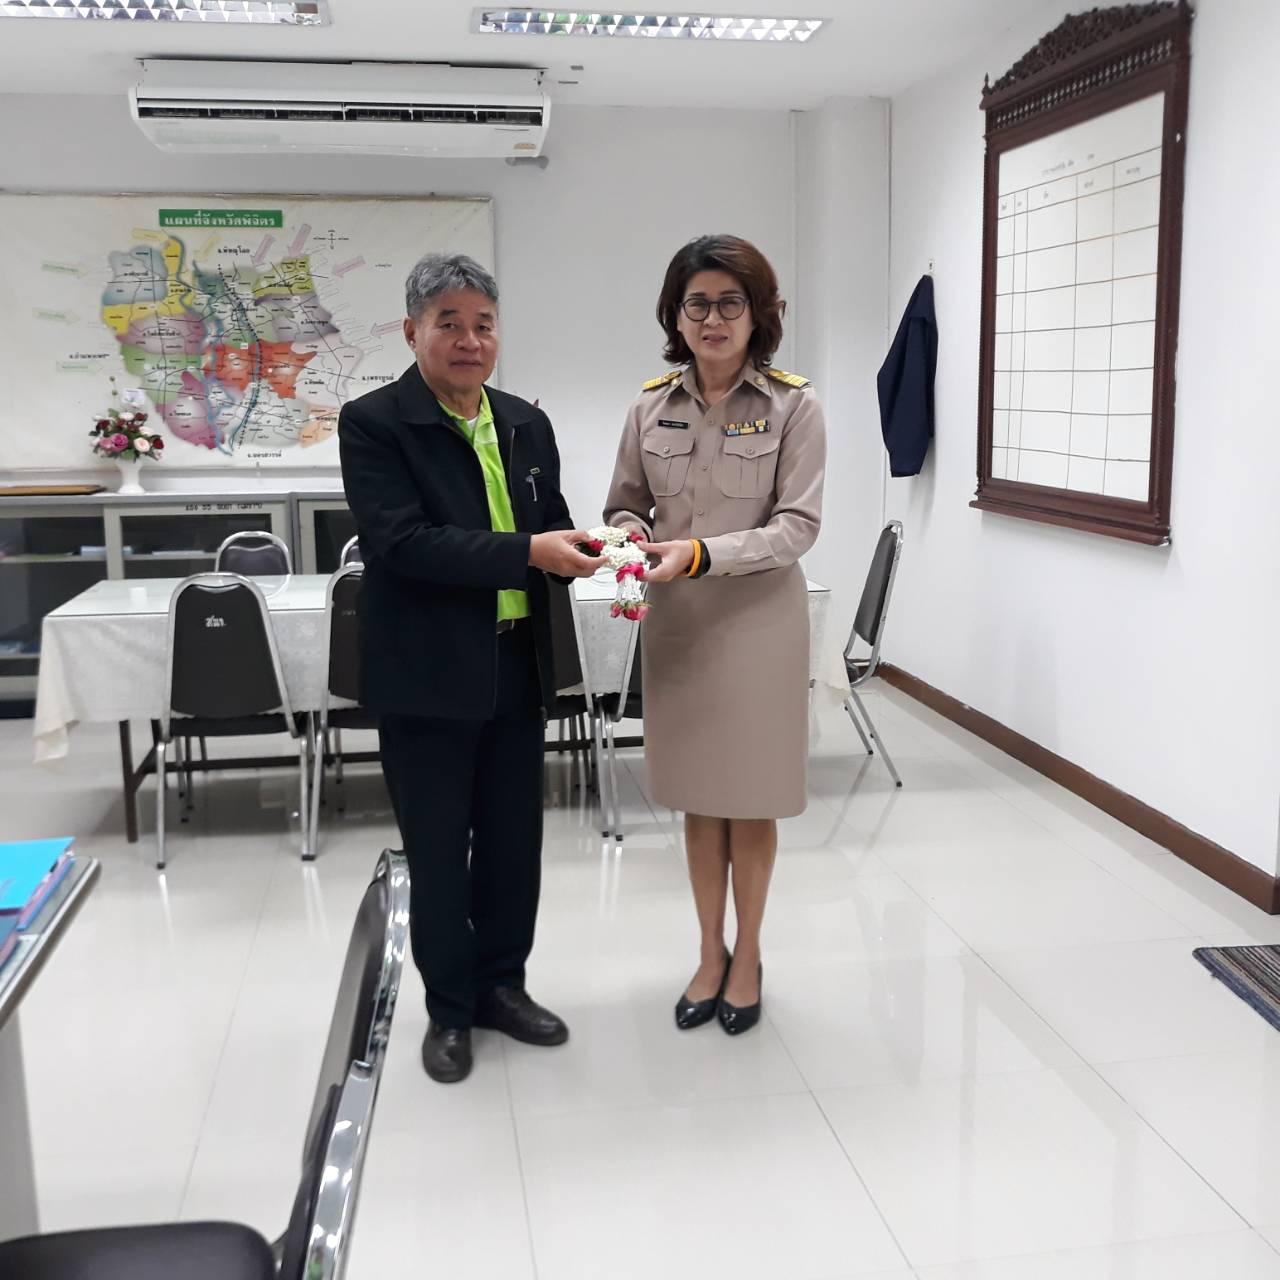 วันพูธที่ 11 ธันวาคม 2562 นางสาวจินตนา ธนาวัชรโชค จัดหางานจังหวัดพิจิตร ได้มารายงานตัวฯ